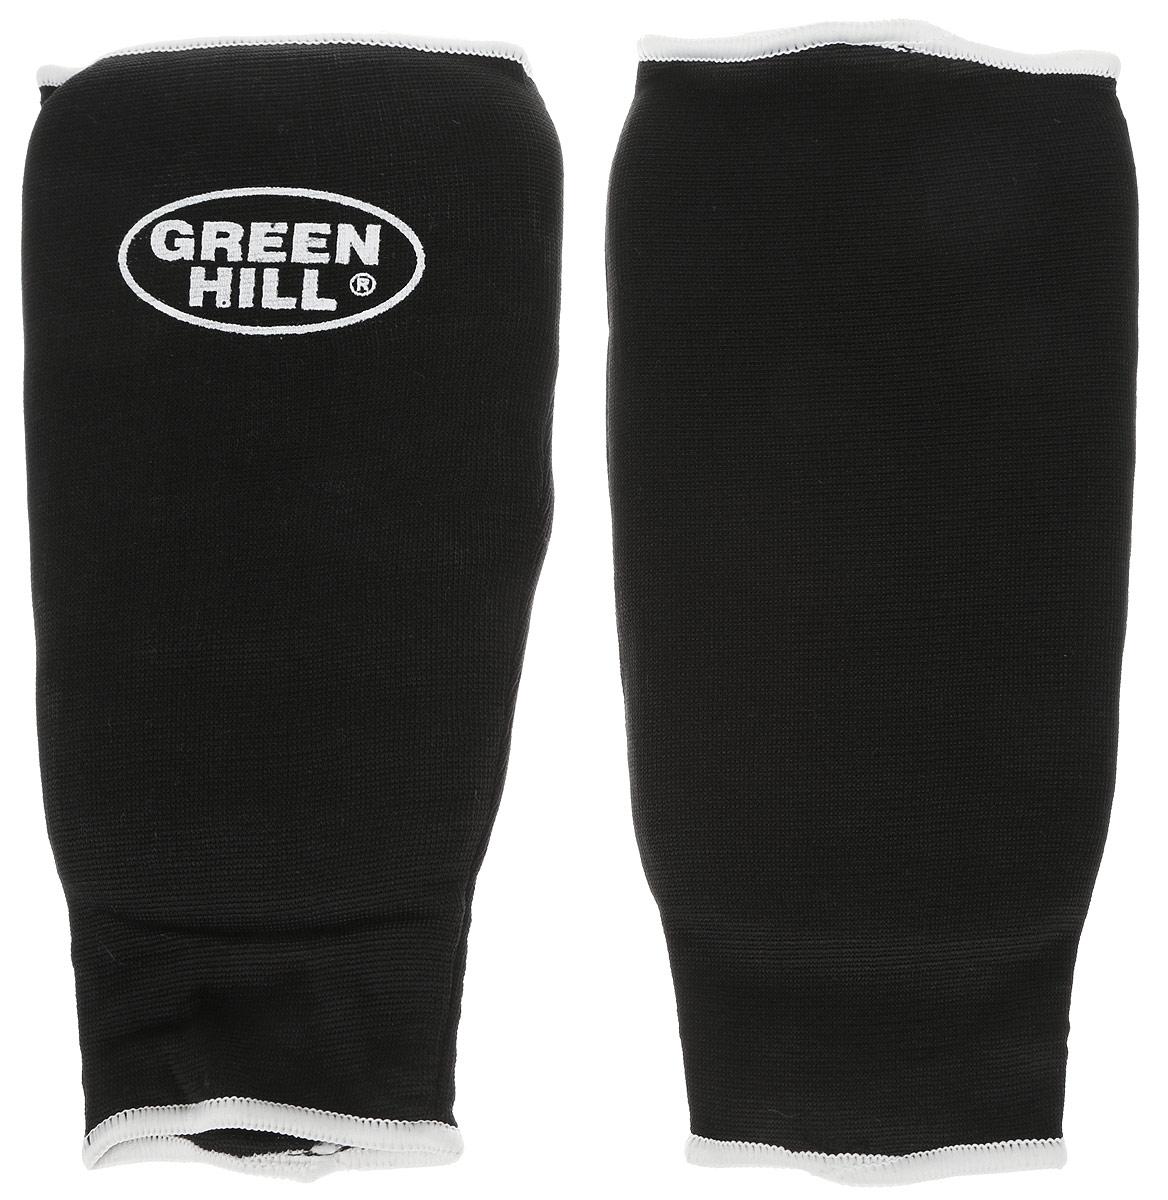 Защита на предплечье Green Hill, цвет: черный, белый. Размер S. AP-6132CGT-109Защита на предплечье Green Hill предназначена для занятий различными видами единоборств. Она защищает руки от синяков и ушибов. Защита изготовлена из хлопка с эластаном, мягкие вкладки изготовлены из вспененного полимера.